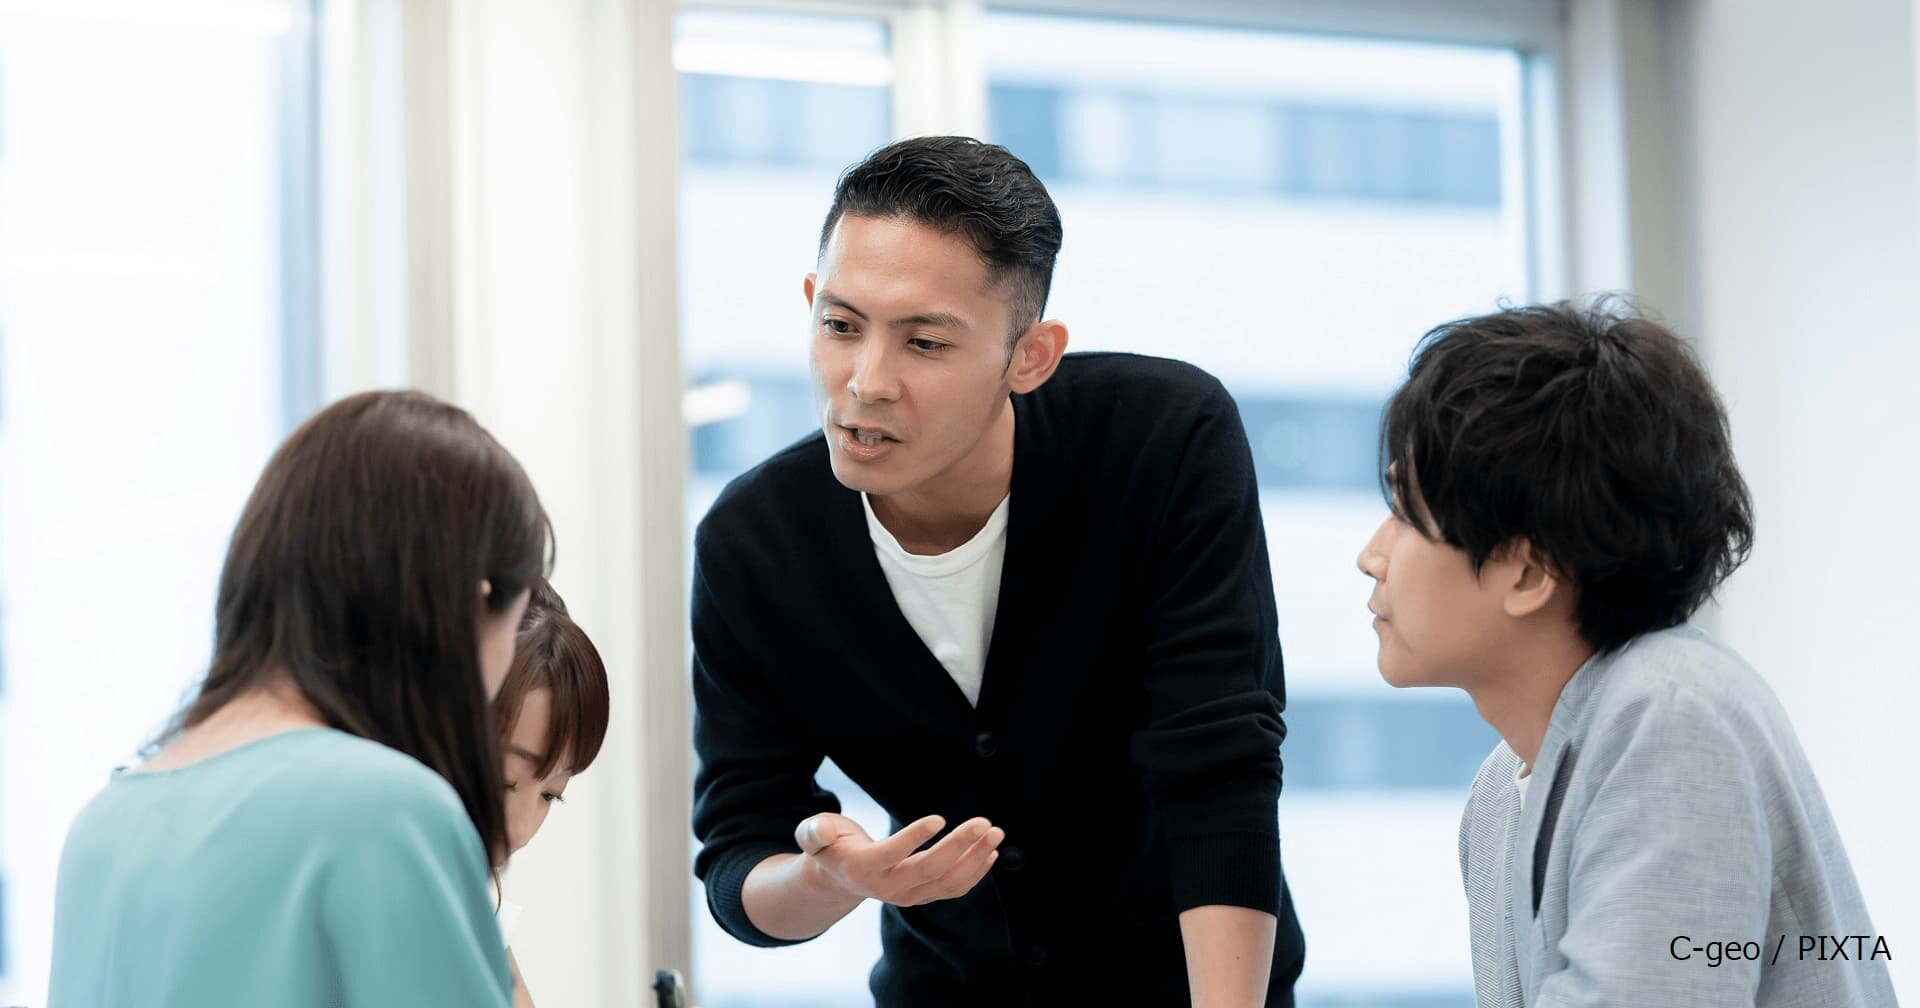 リーダーシップを発揮するための6つの問い